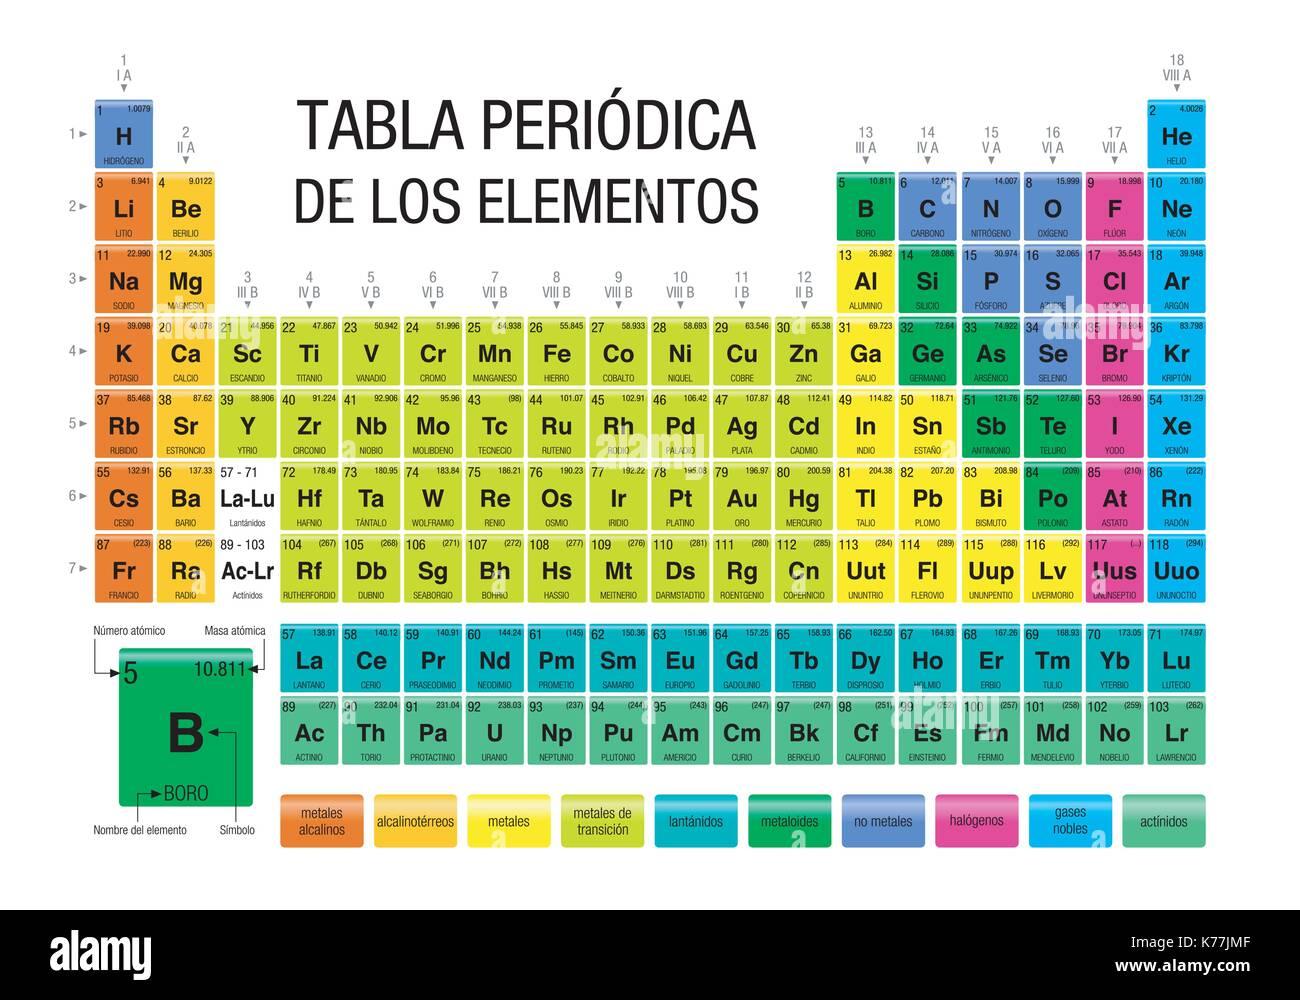 Tabla periodica de los elementos tabla peridica de elementos en tabla periodica de los elementos tabla peridica de elementos en lengua espaola qumica urtaz Image collections